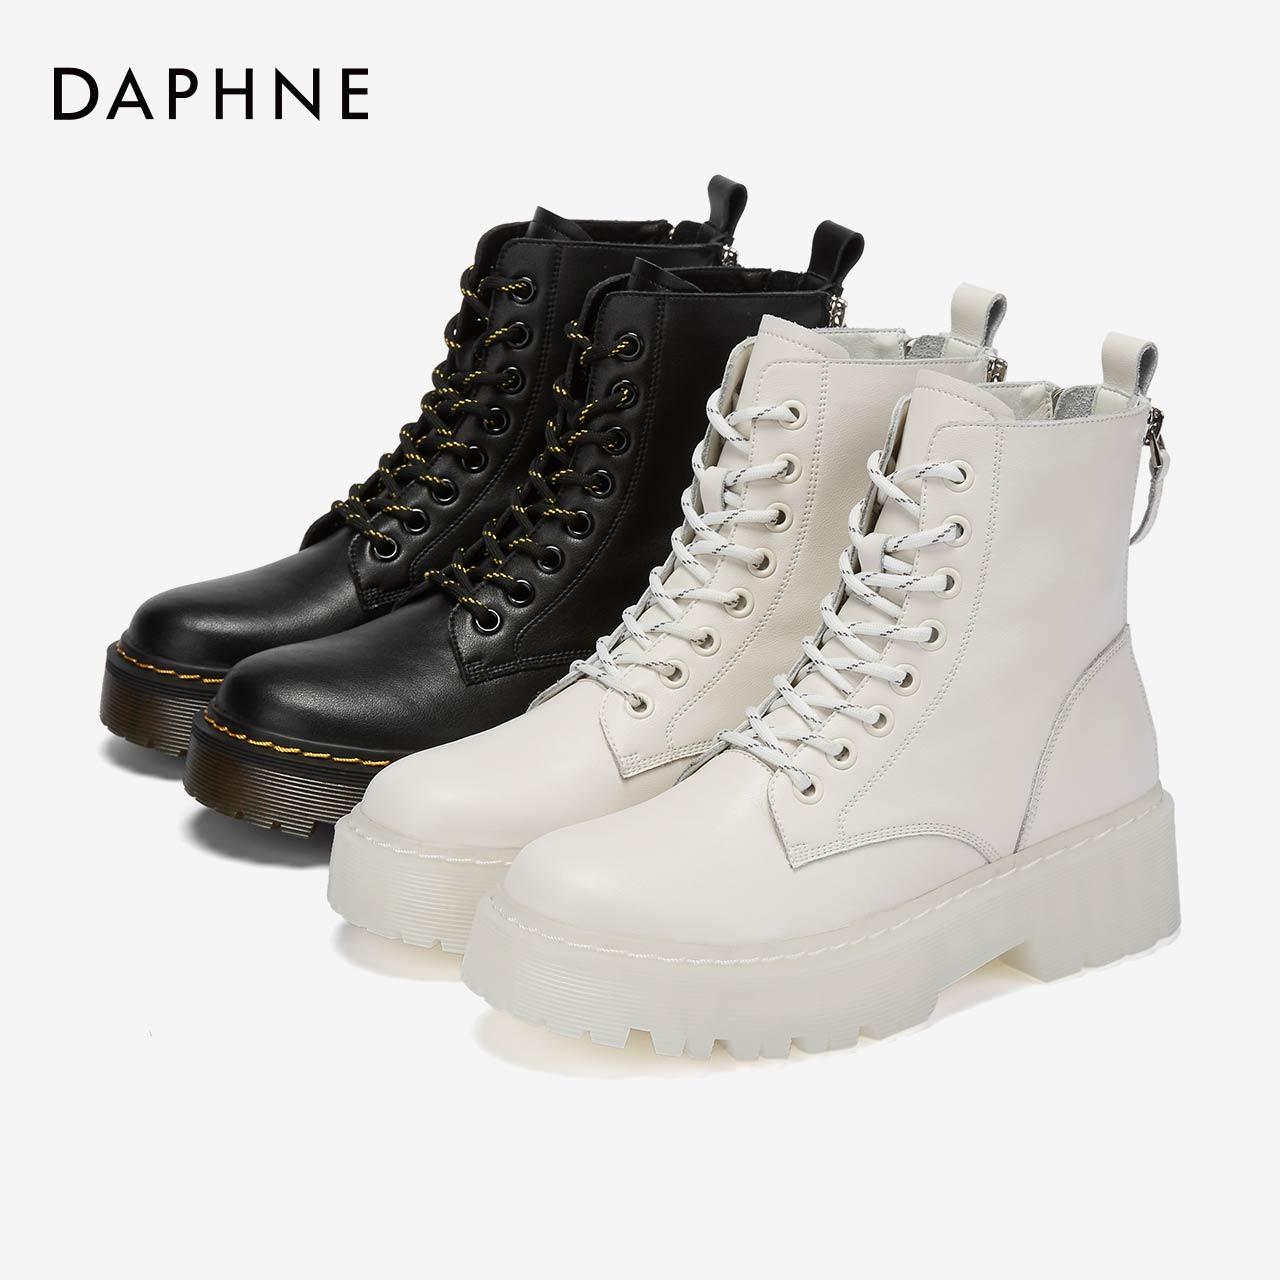 孔牛皮短靴圆头系带低跟休闲女靴 8 冬季新款暗黑马丁靴 2020 达芙妮